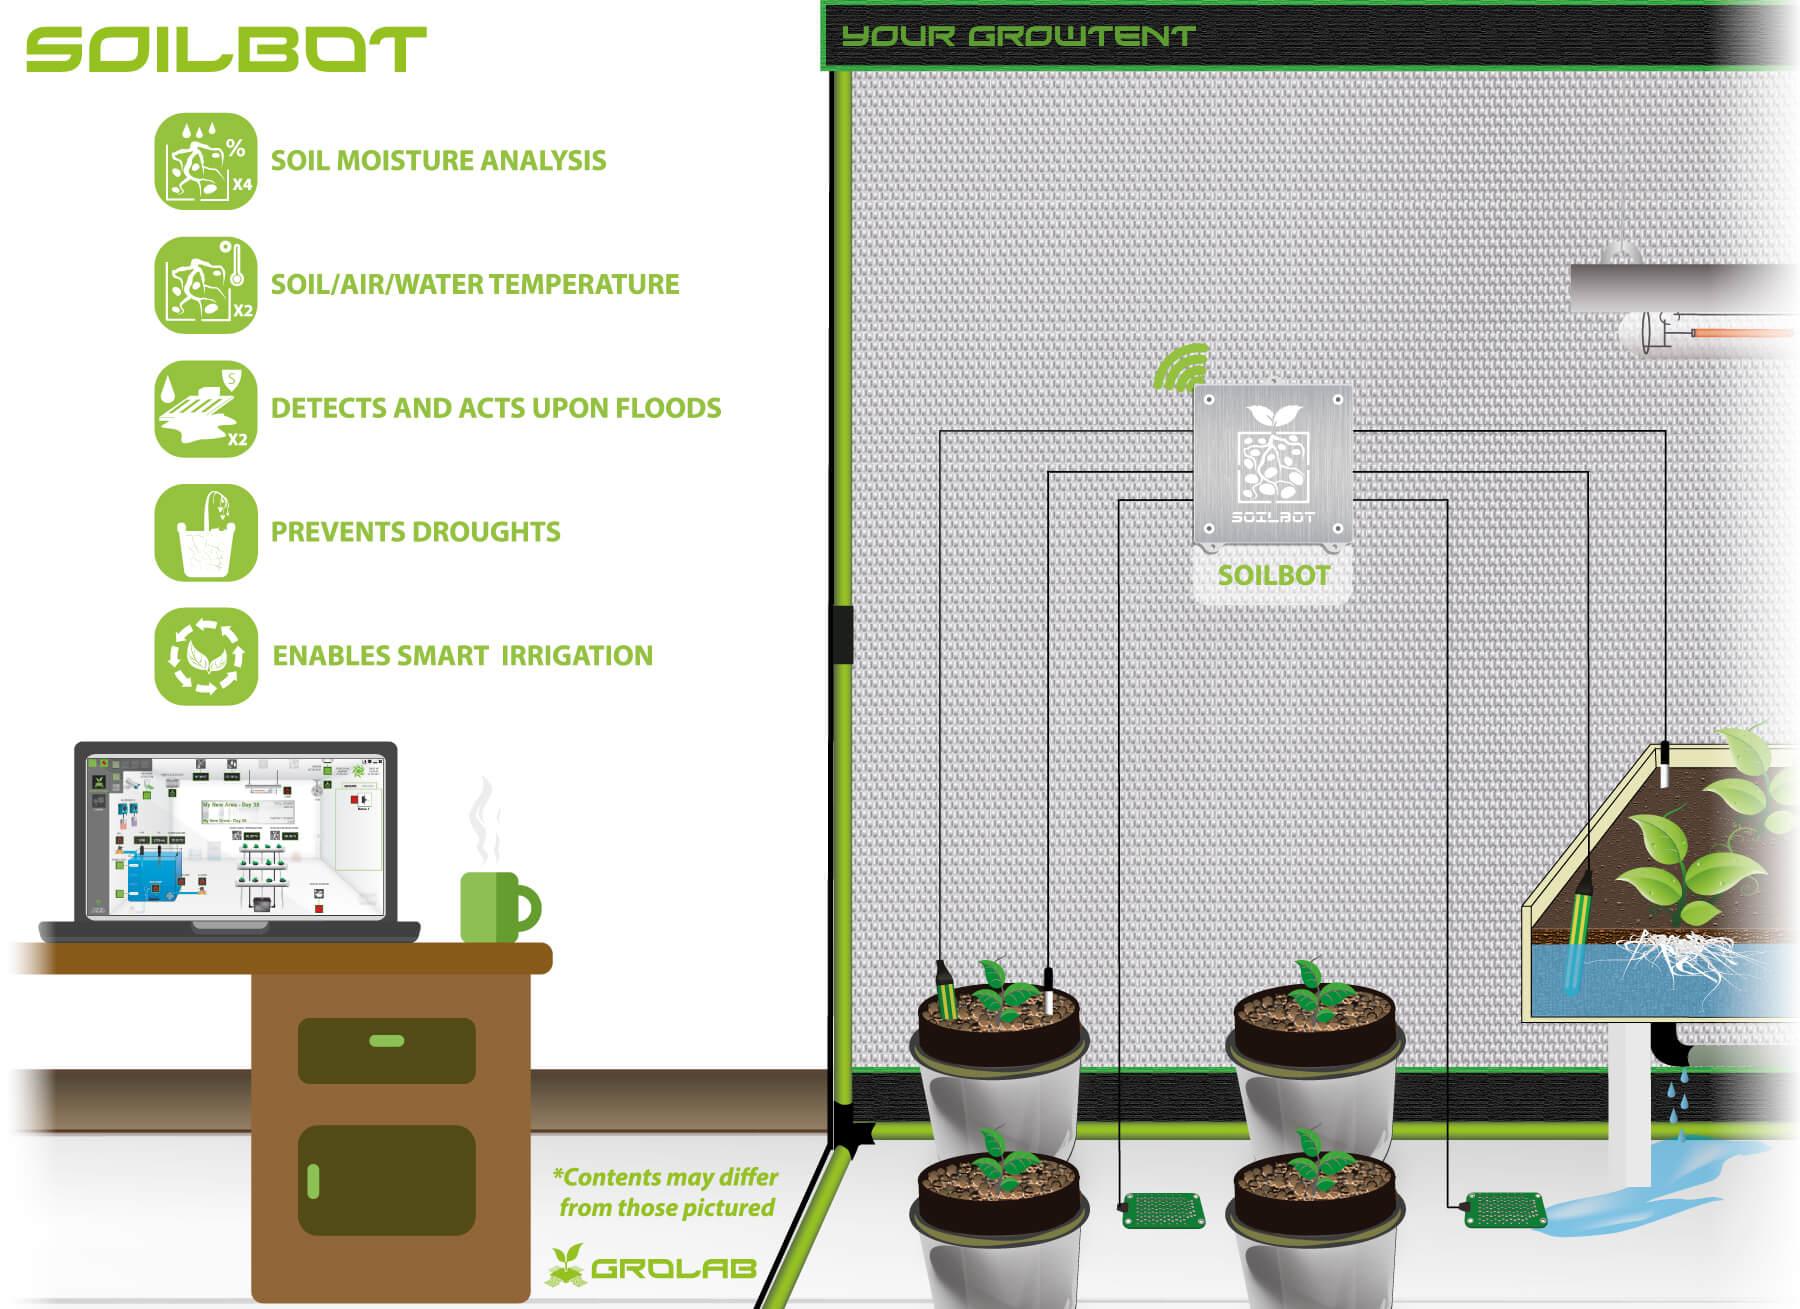 SoilBot